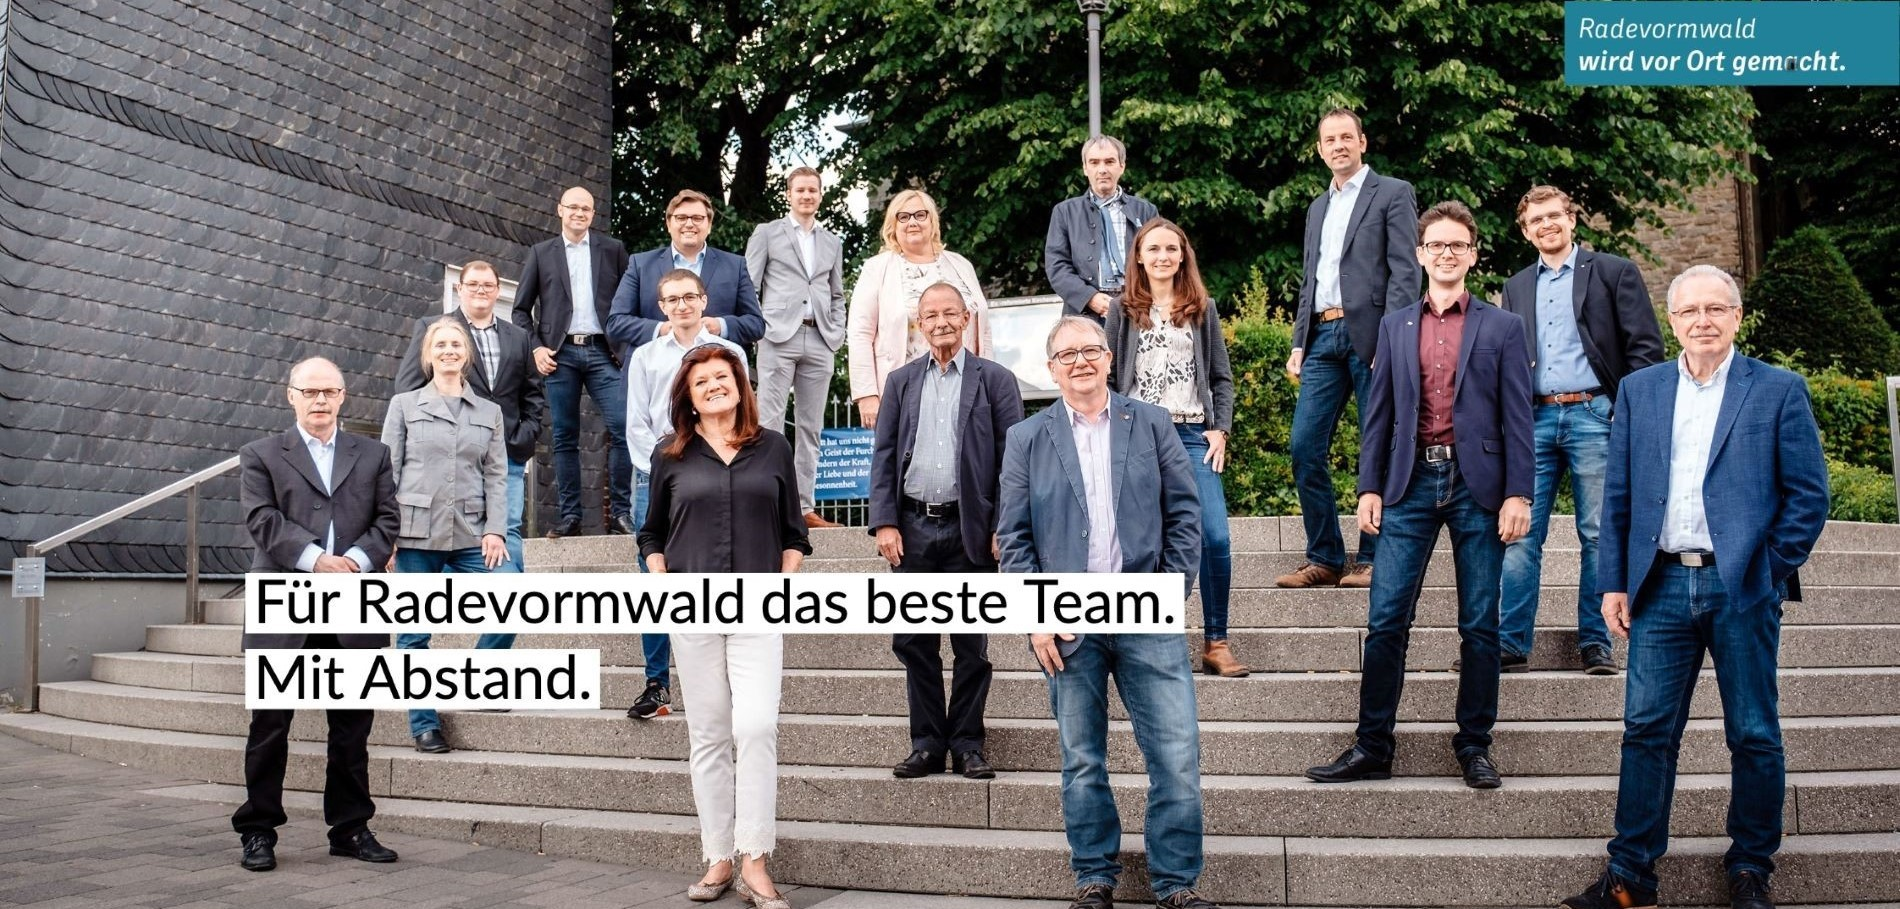 CDU Team 2020